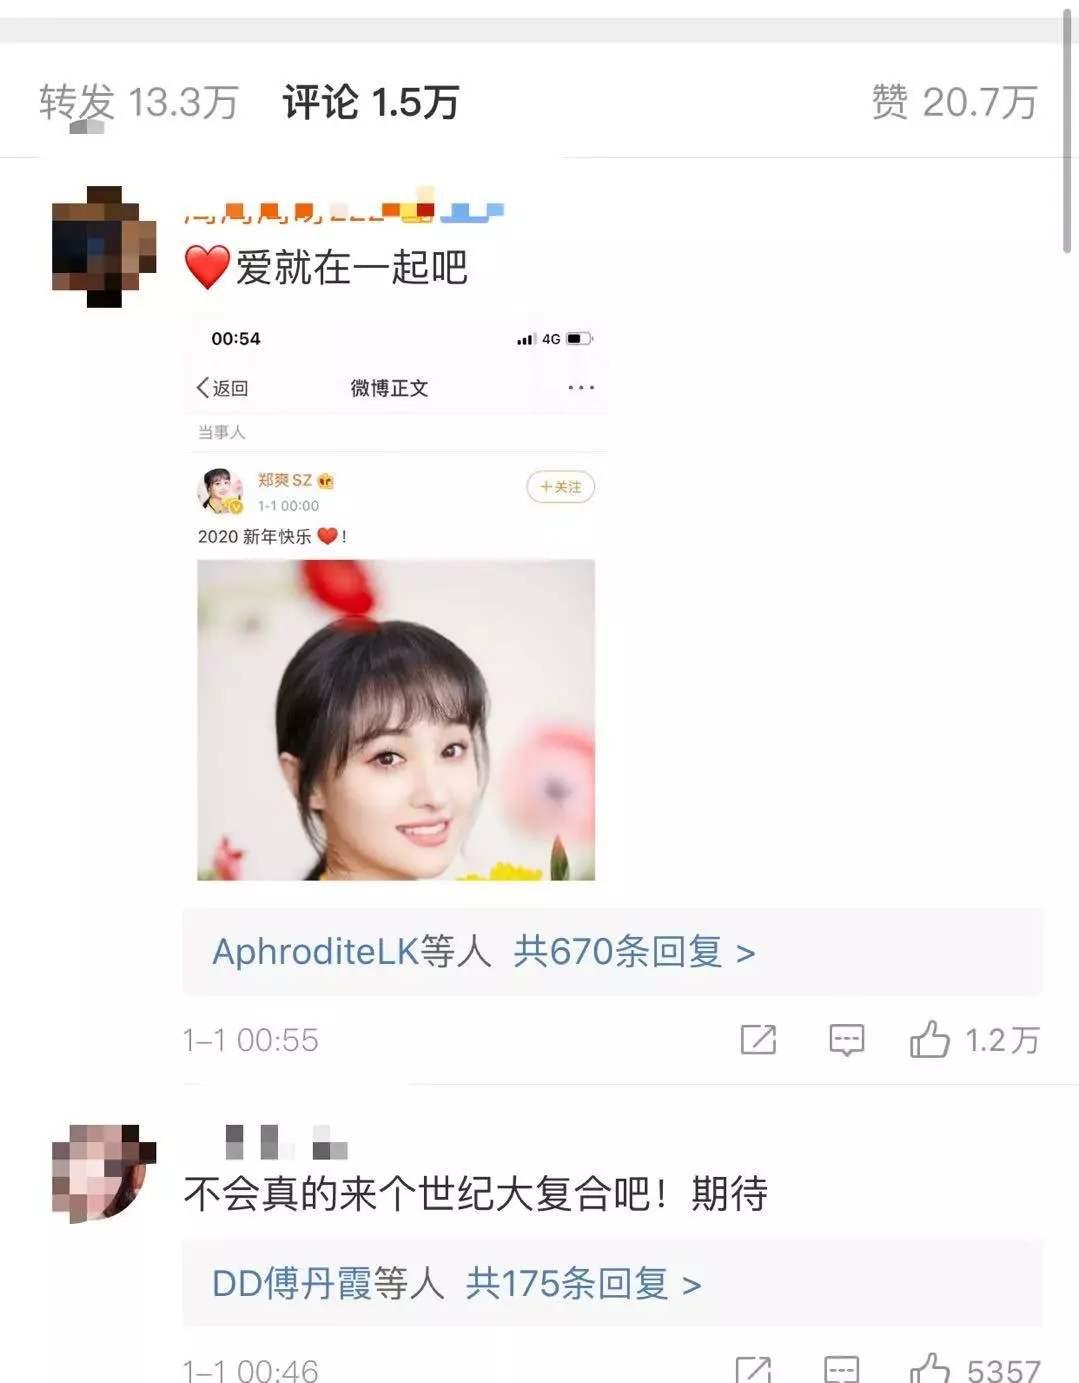 郑爽回归新浪微博张翰发文回应?郑爽和张翰2020跨年微博有情况?